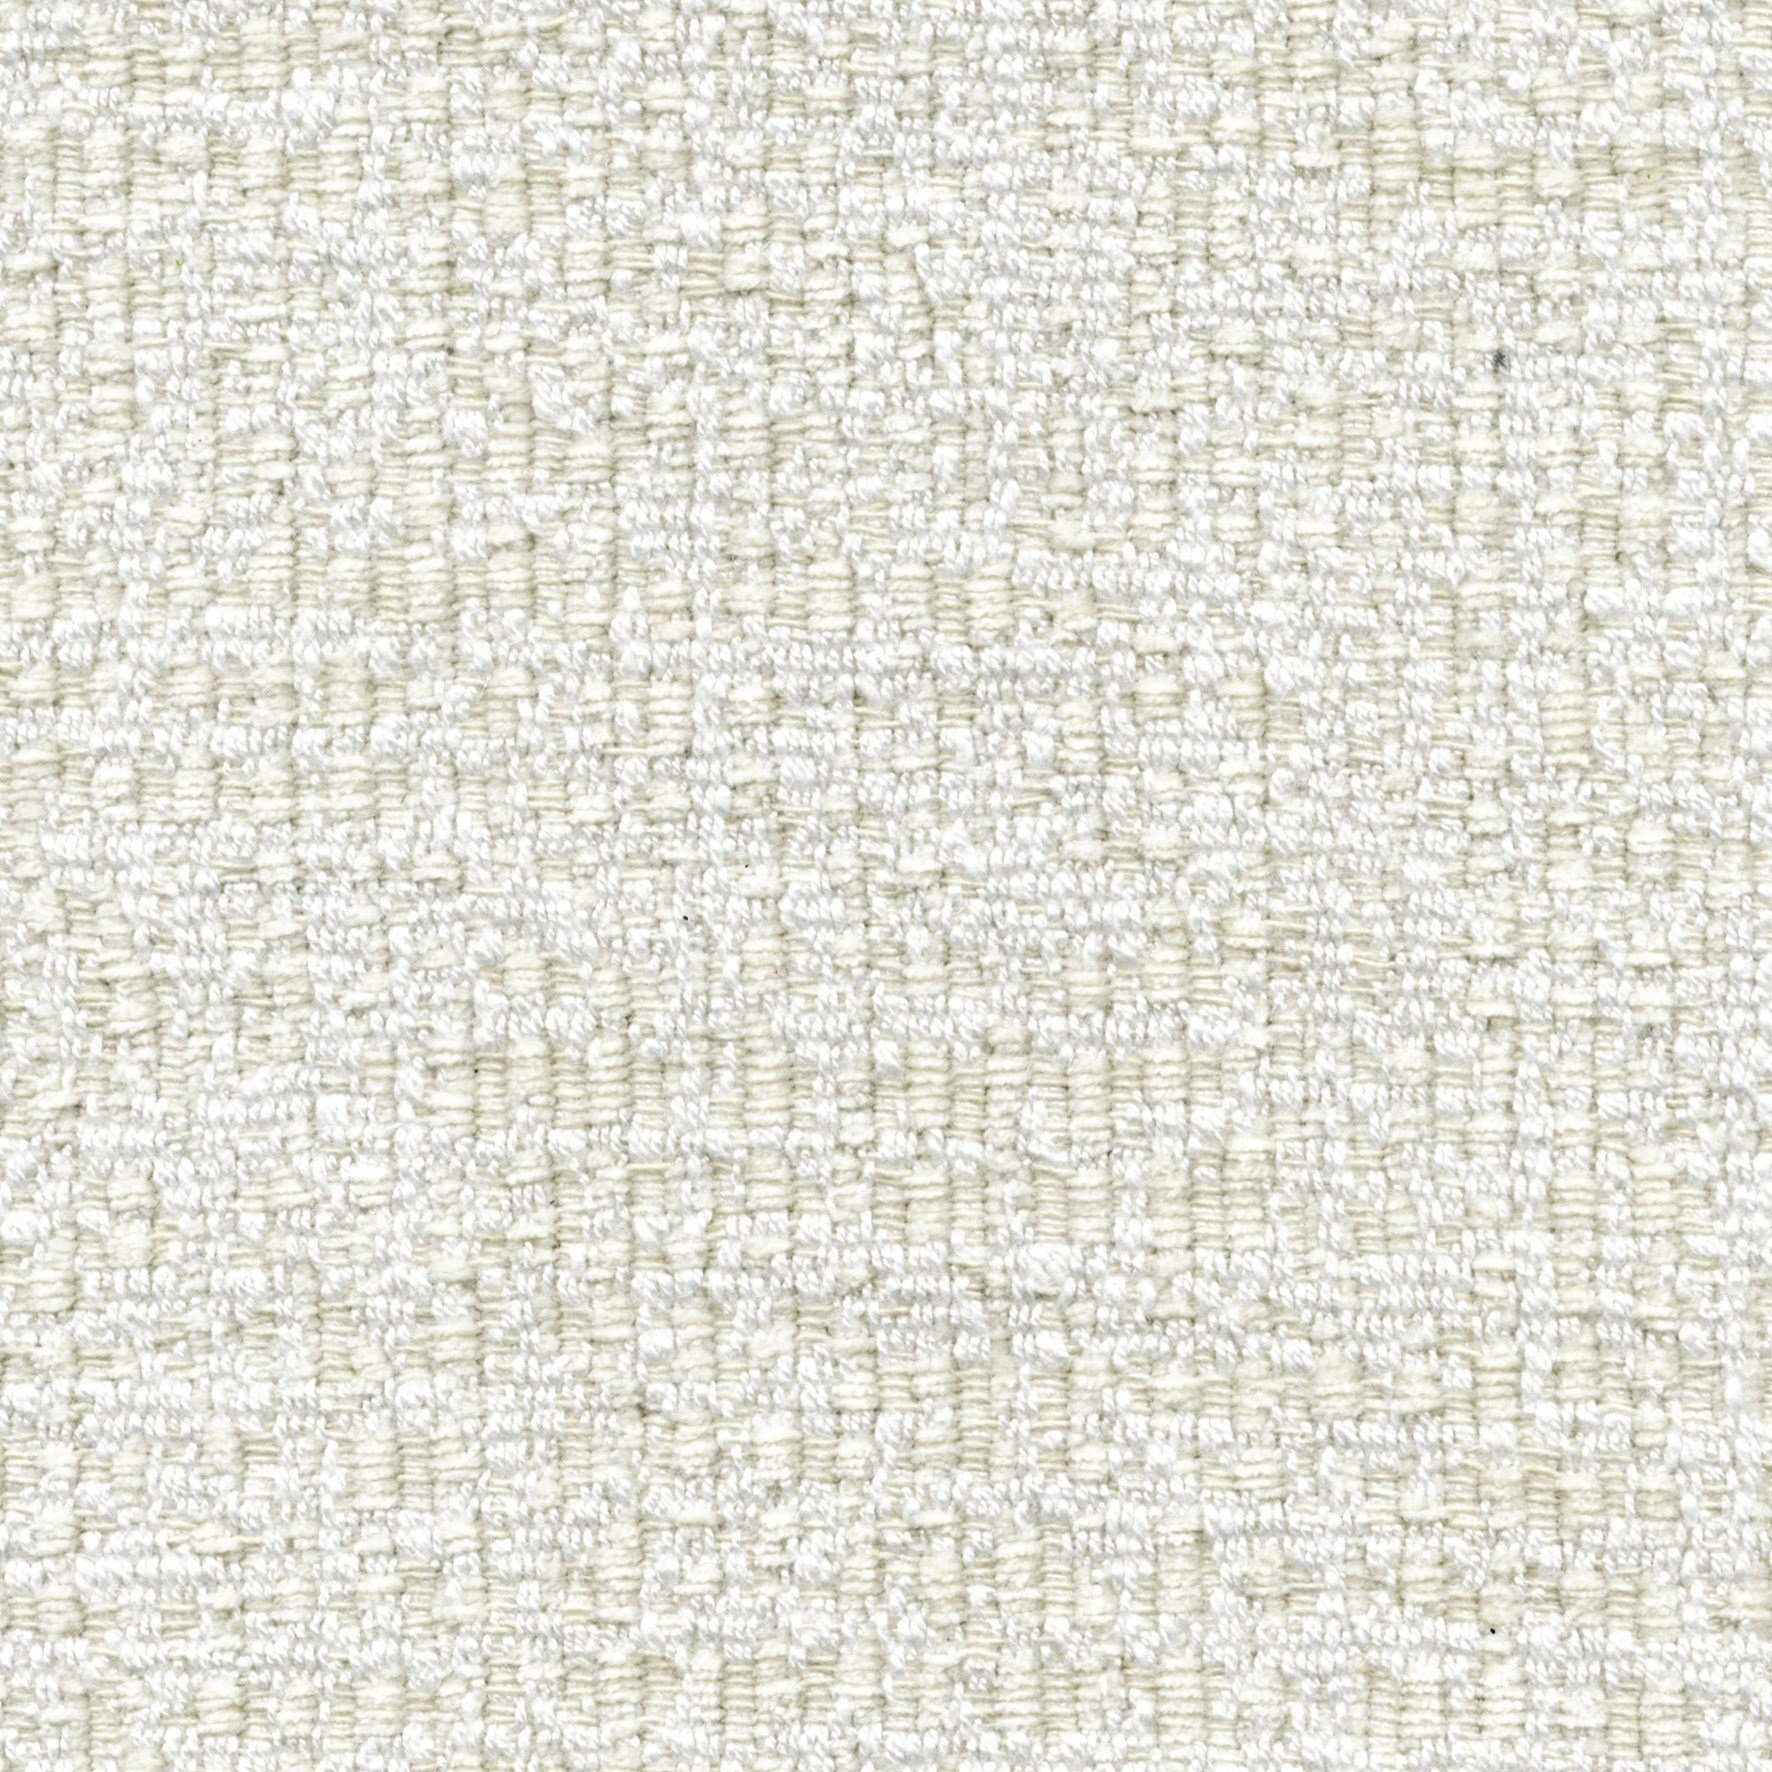 Tissu d 39 ameublement en chenille de style contemporain - Tissu ameublement contemporain ...